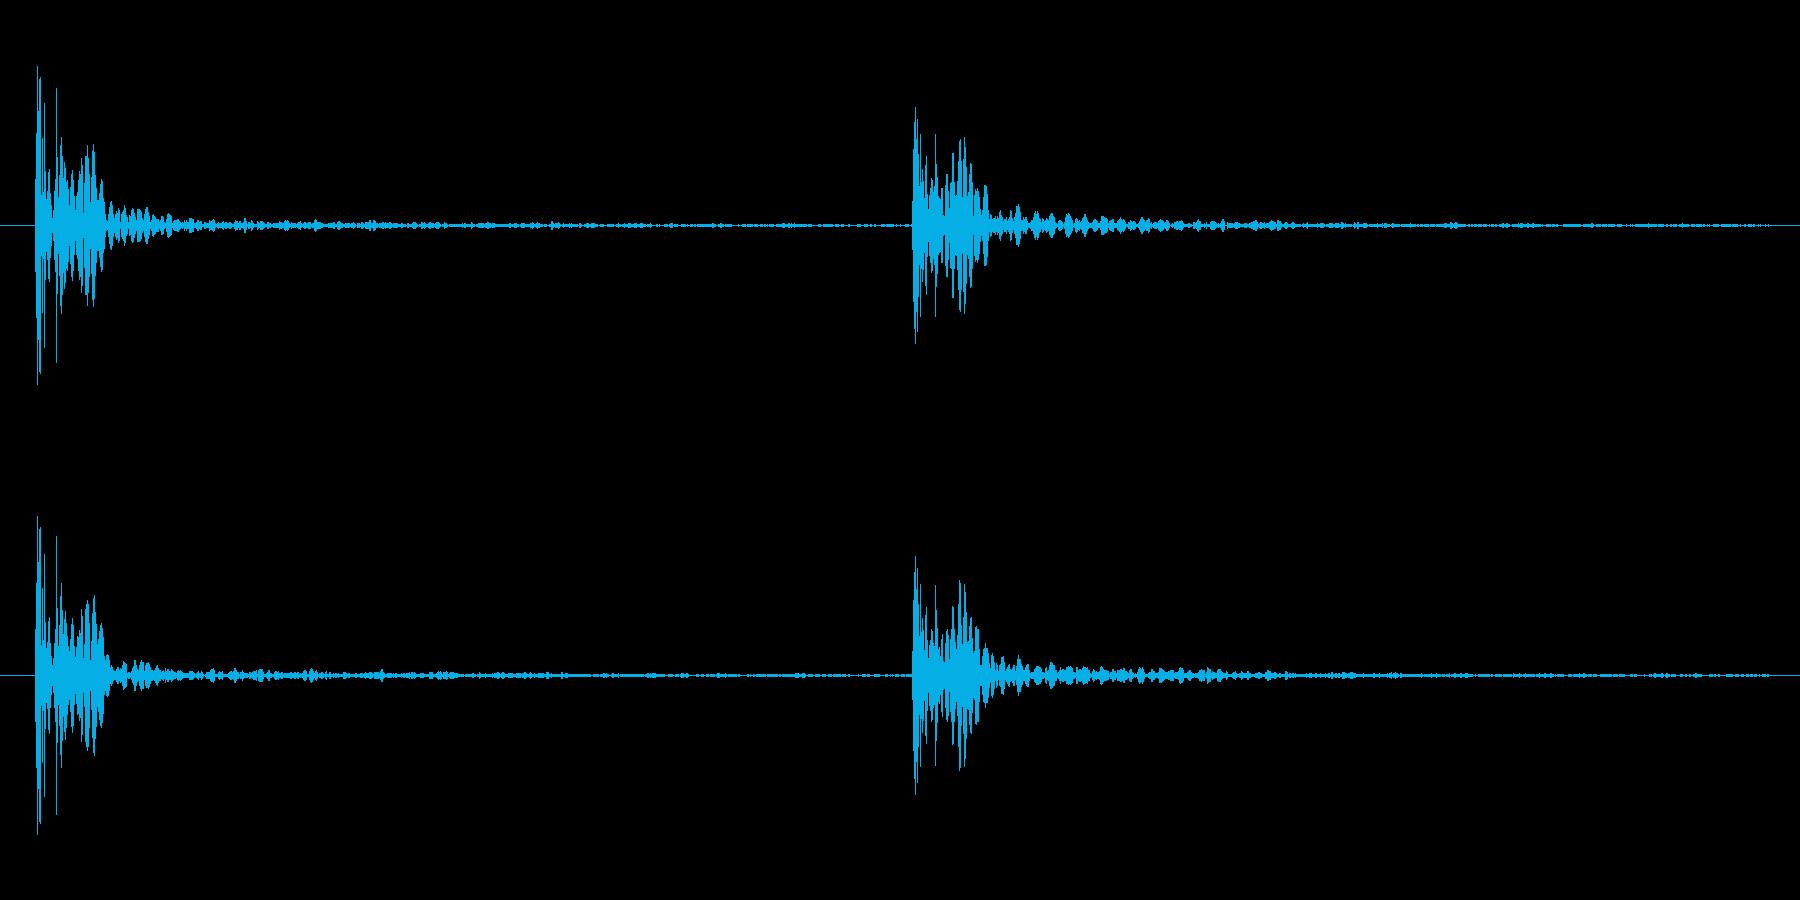 足音の効果音 パターンB 重量感ある足音の再生済みの波形